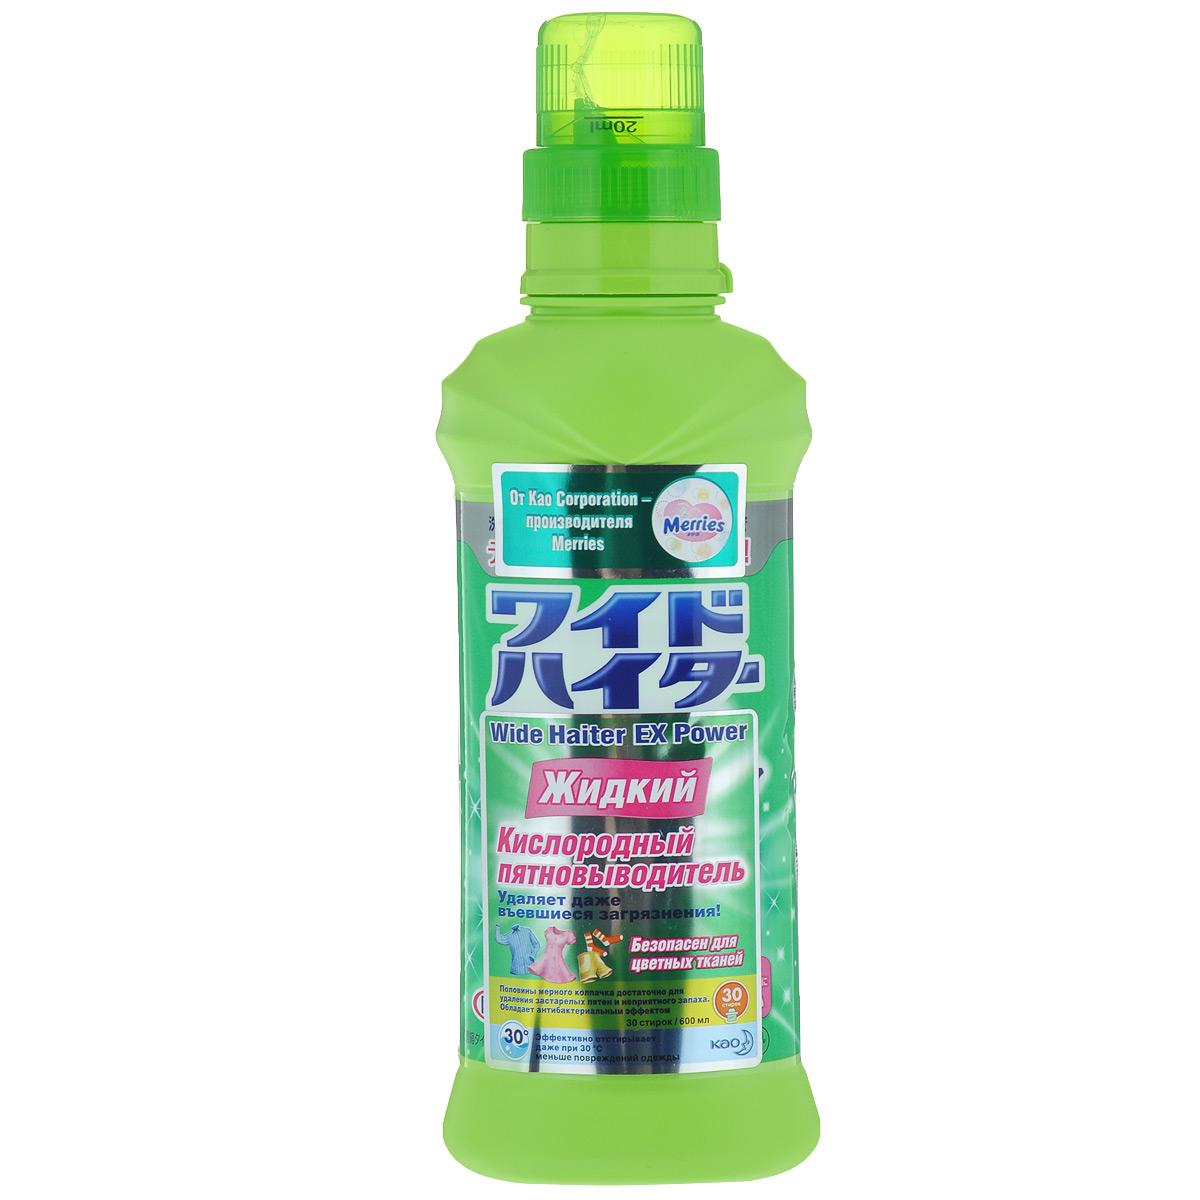 Пятновыводитель жидкий Wide Haiter, кислородный, 600 мл тайфун пятновыводитель кислородный 270г